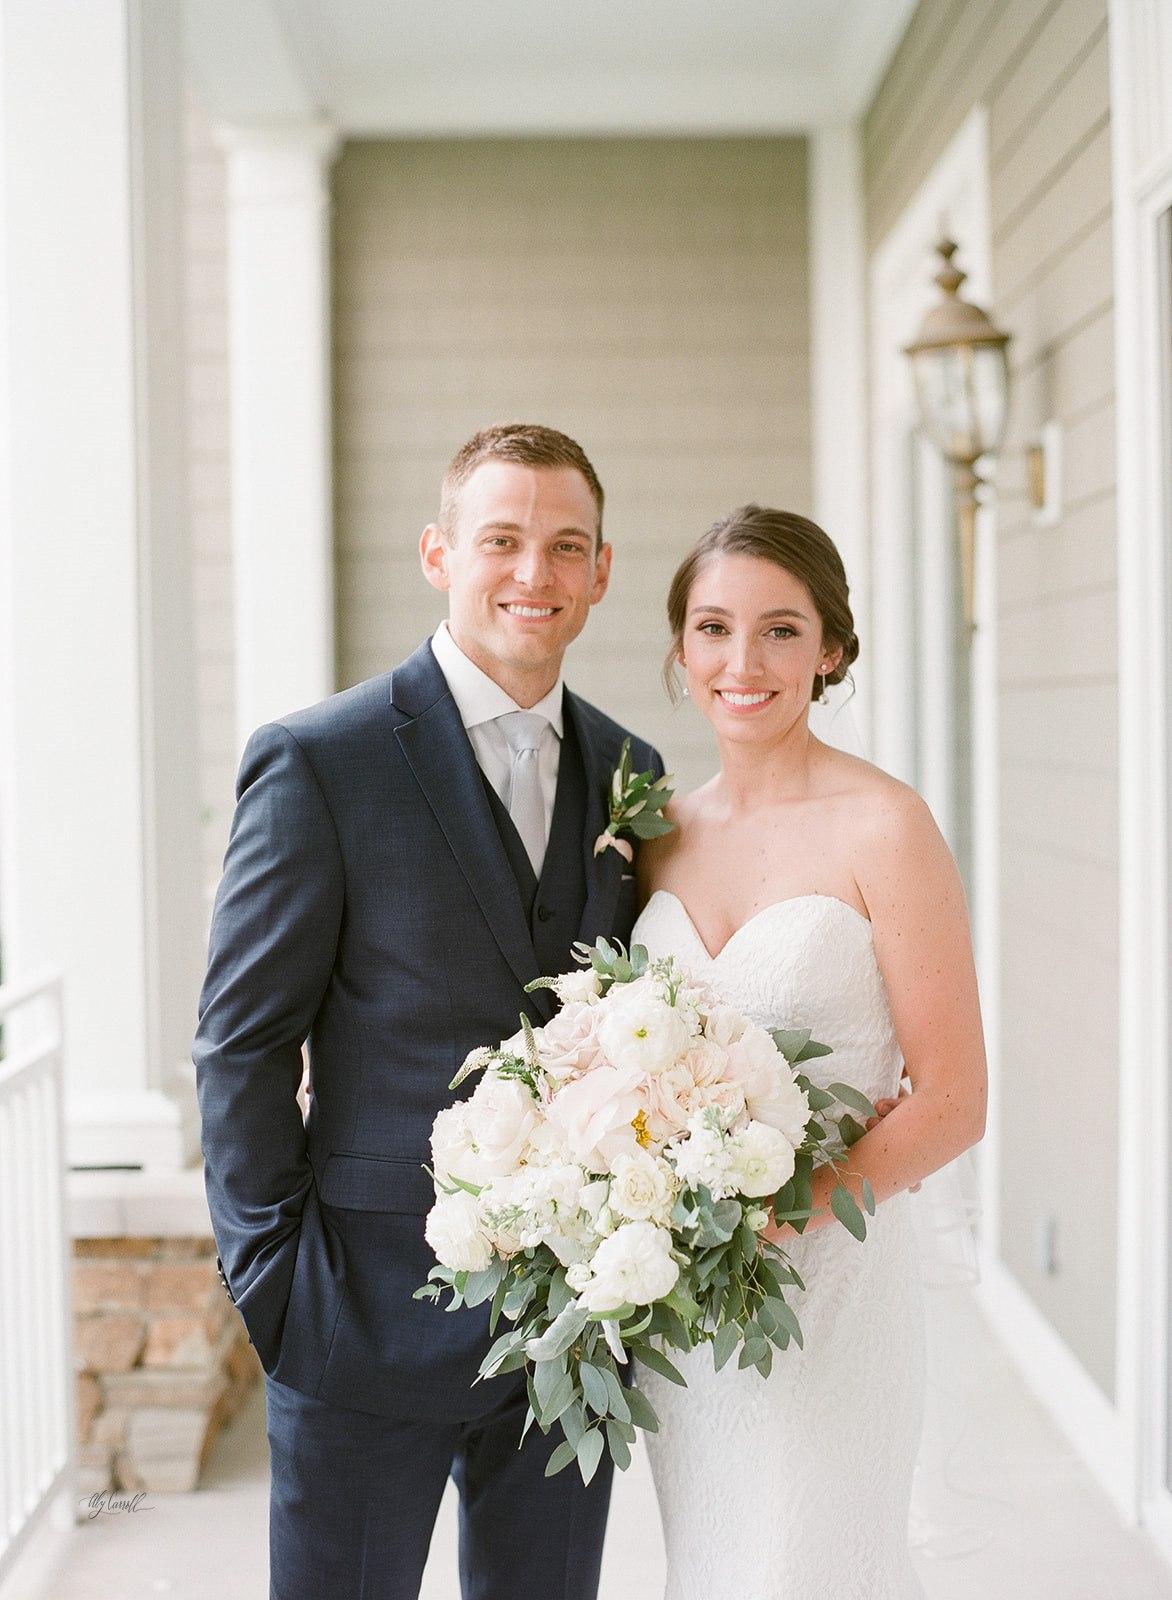 Allison _ Travis Wedding Film-000066330005.jpg